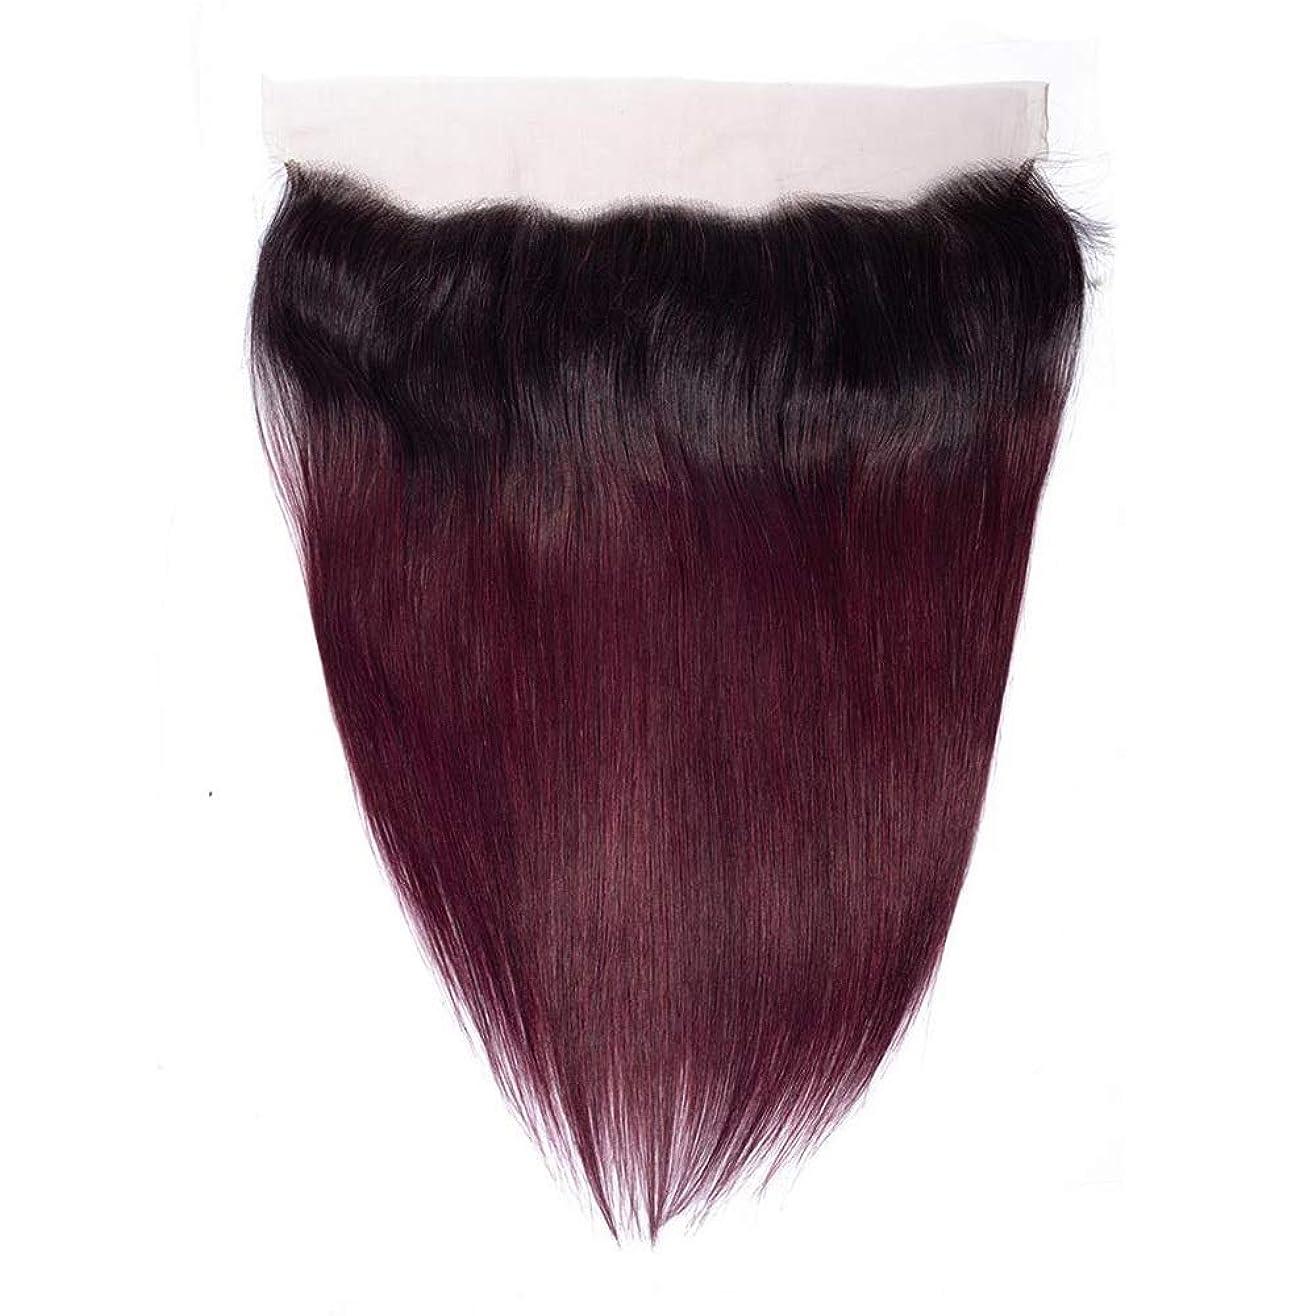 トンネル検査好みYESONEEP 13×4ディープフリーパートストレートレース閉鎖ブラジル人間の髪の毛の閉鎖1B / 99J 2トーンナチュラル探して短いかつらかつら (Color : ワインレッド, サイズ : 12 inch)